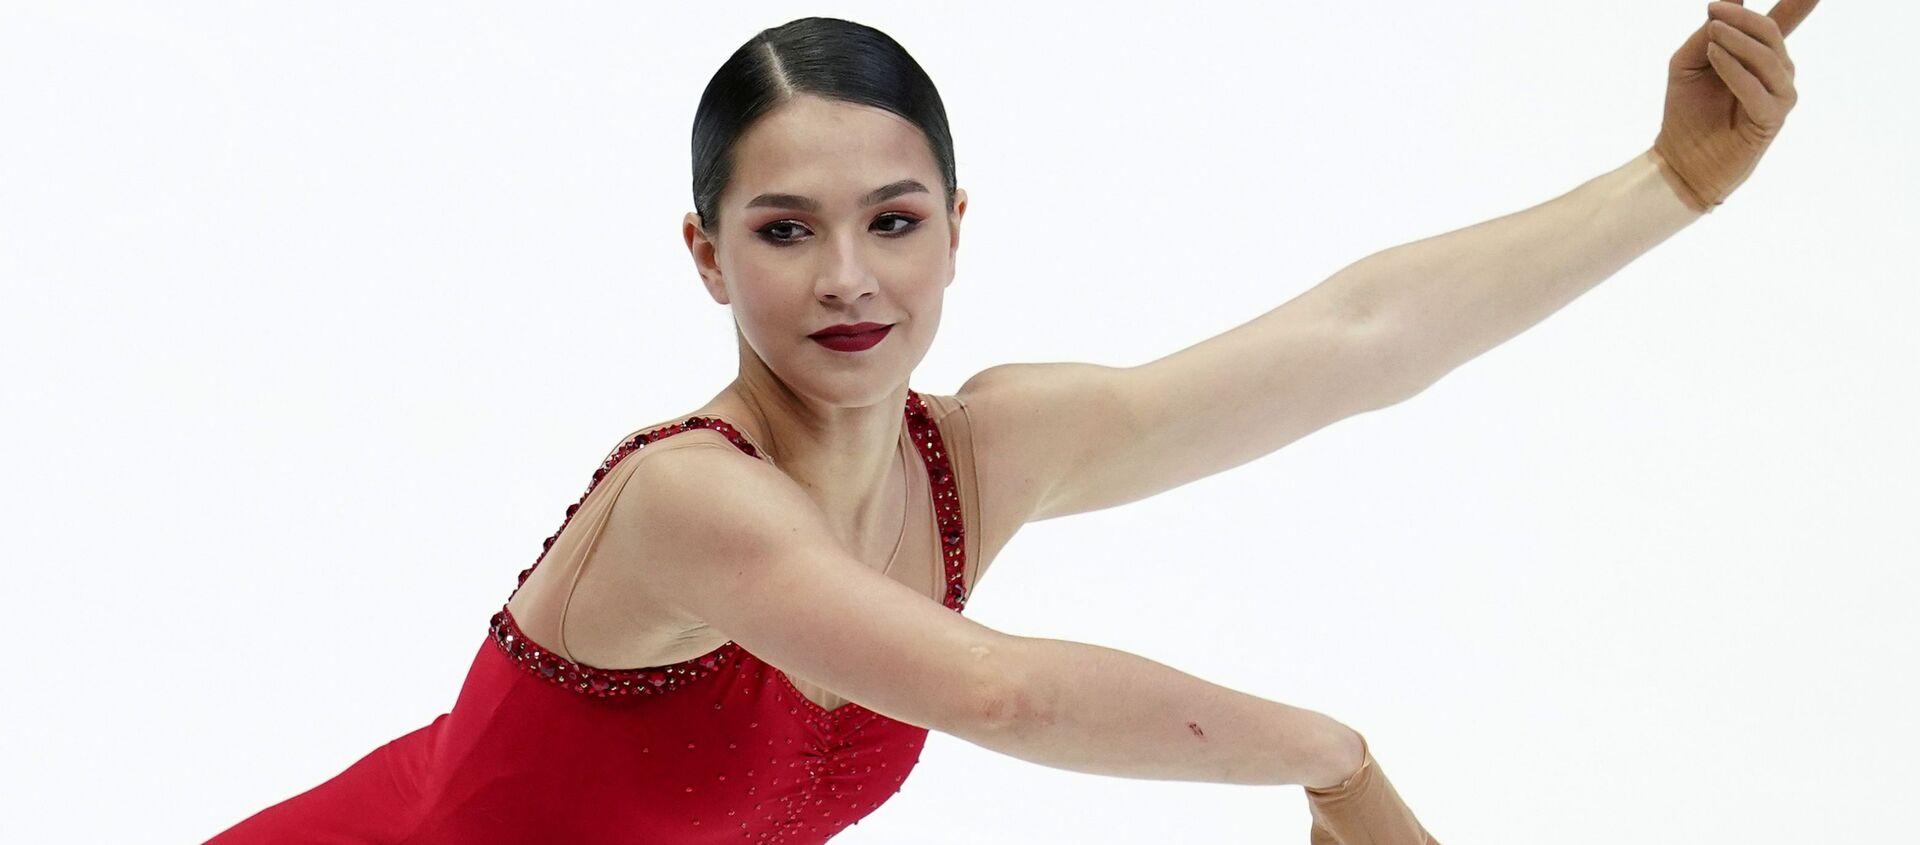 ロシアの女子フィギュアスケーター プルシェンコアカデミーで直面した苦難を語る - Sputnik 日本, 1920, 28.09.2021